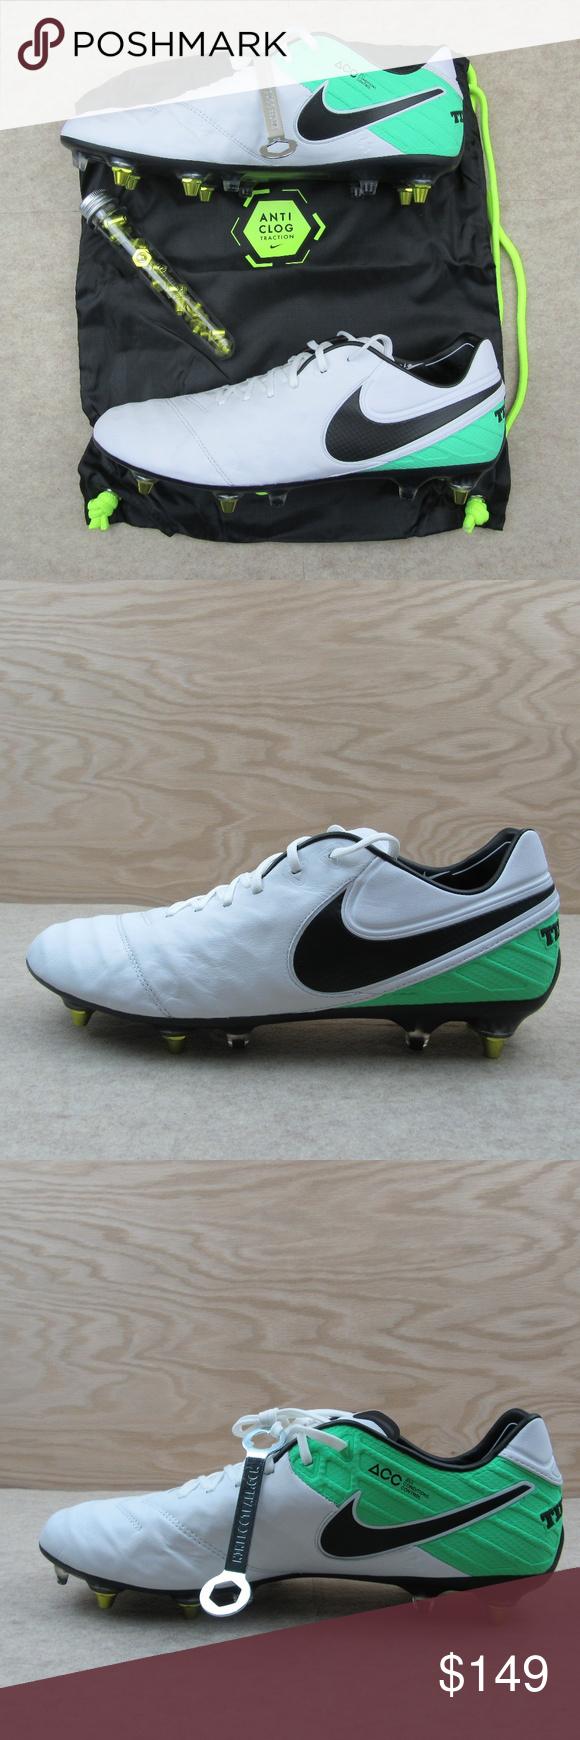 2a6886ba9 Nike Tiempo Legend VI SG-PRO Size 12 Soccer Cleats Nike Tiempo Legend VI SG